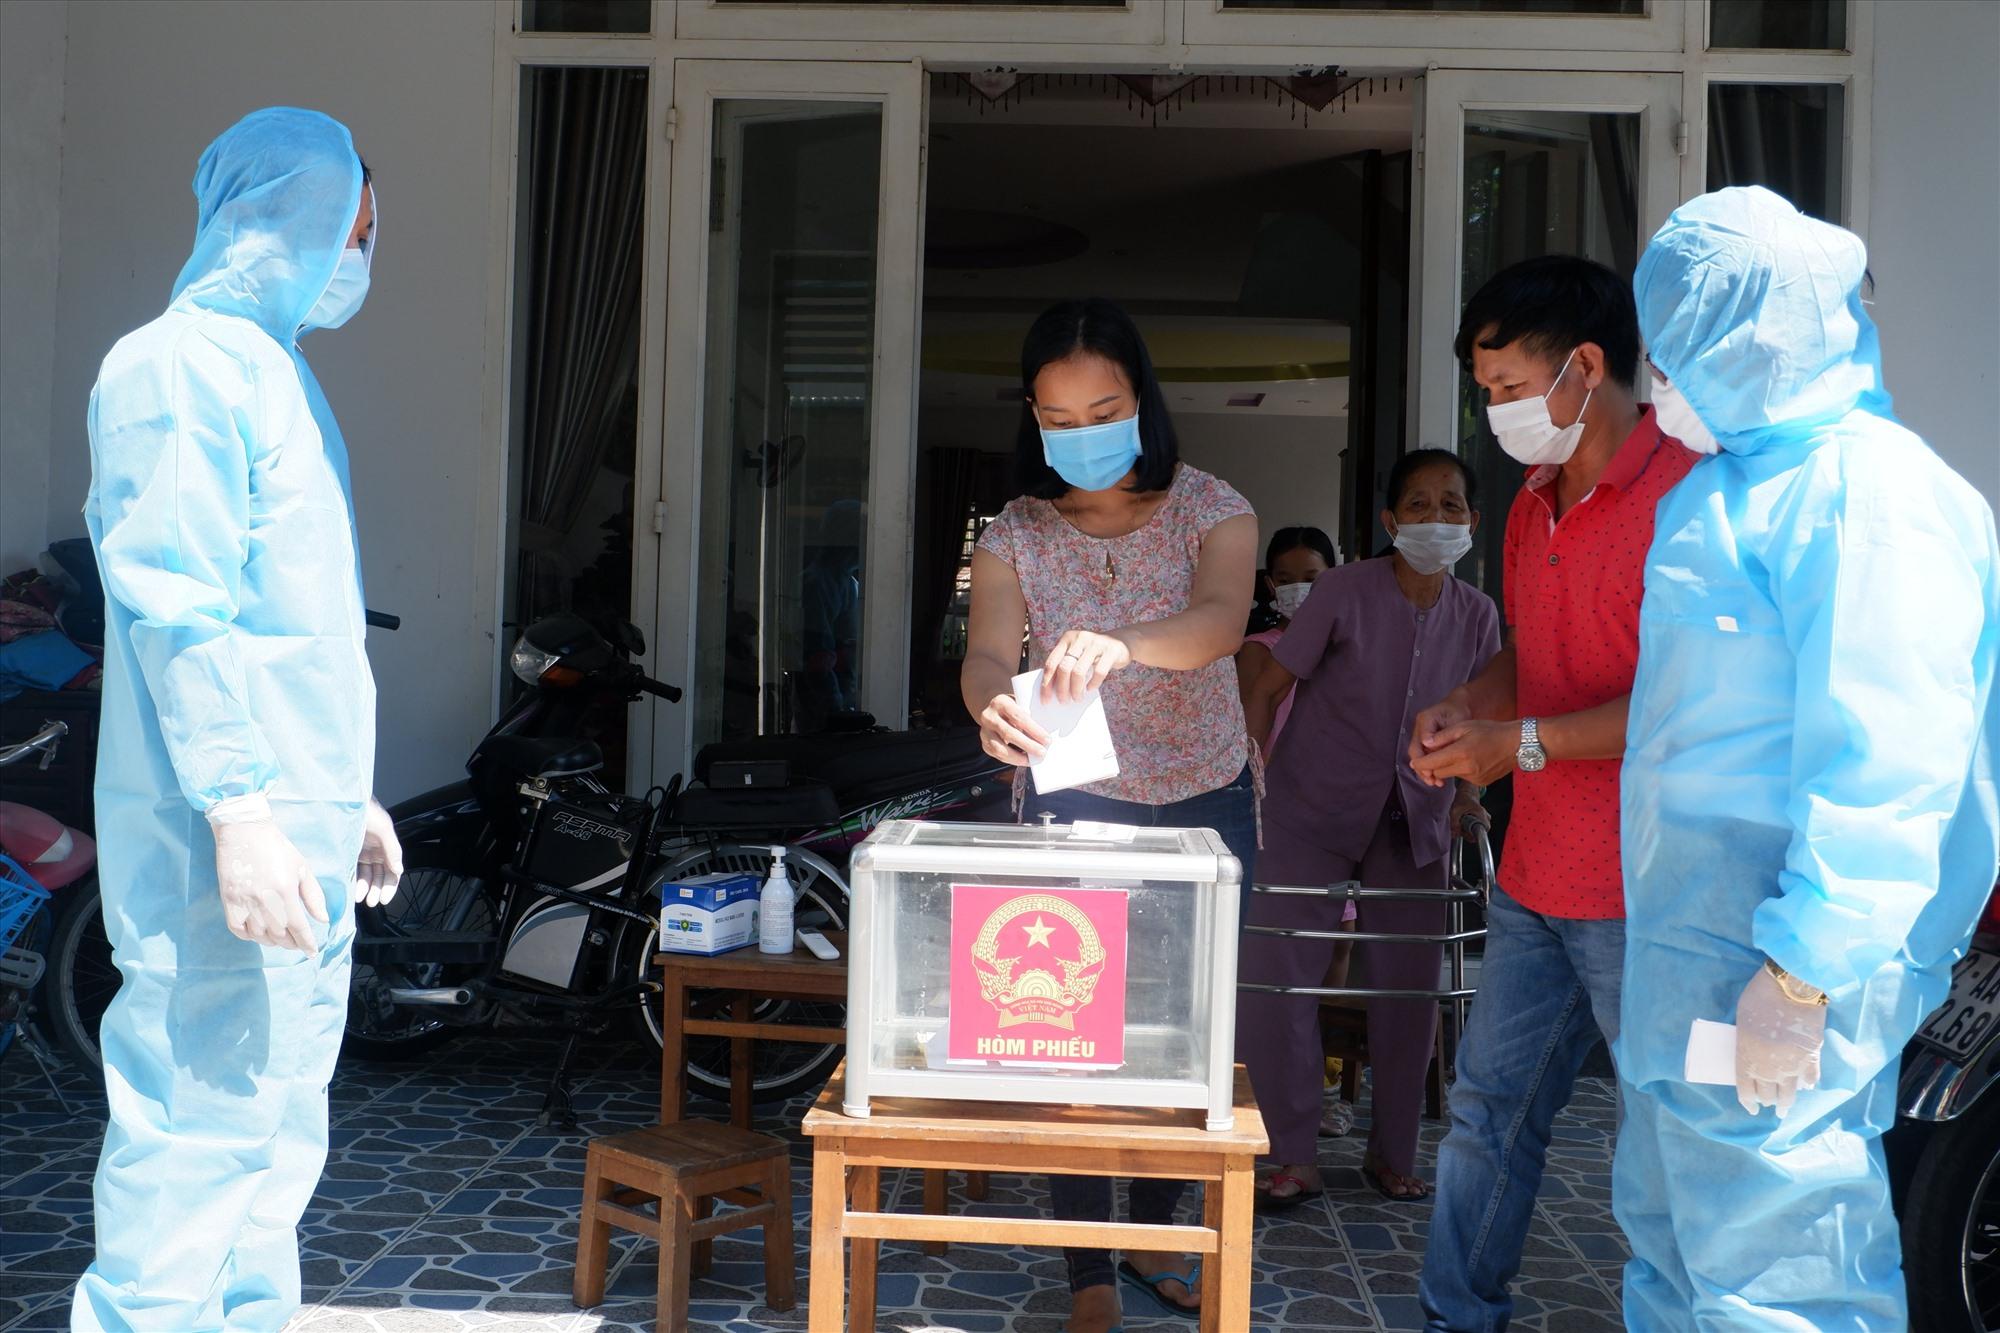 Cử tri thuộc diện F2 bỏ phiếu bầu cử vào thùng phiếu phụ được Tổ bầu cử đưa đến tận nhà.